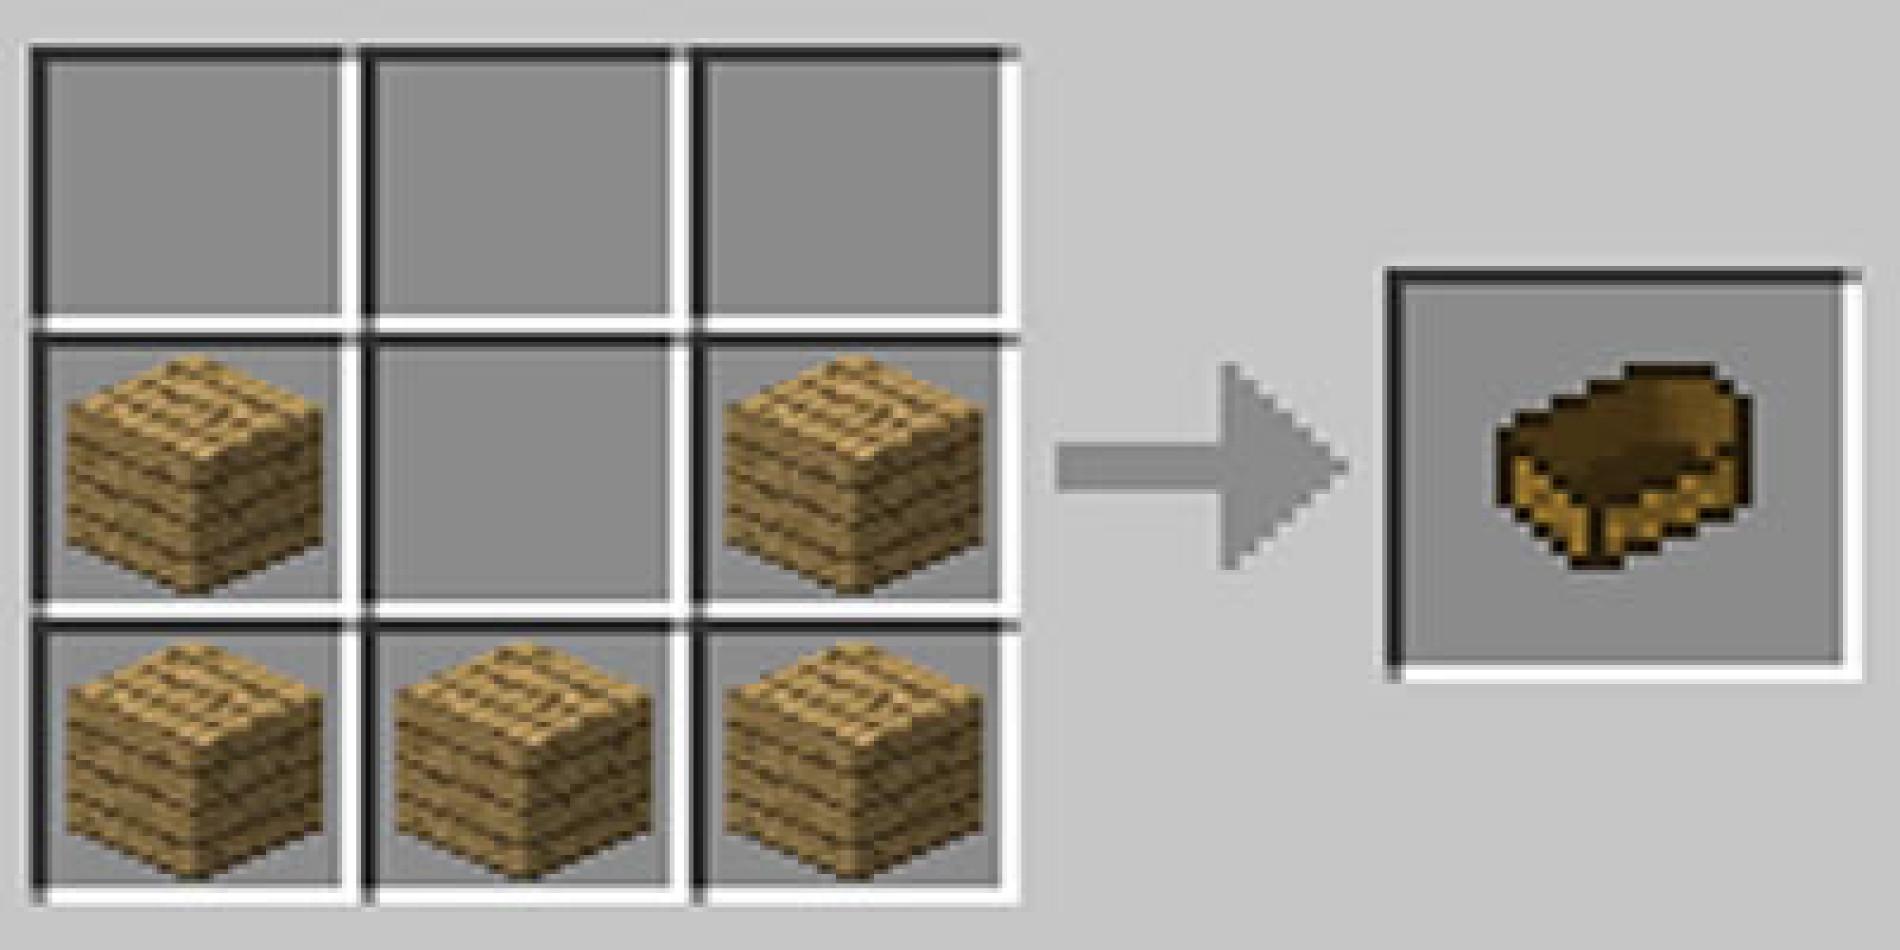 Como fazer barco boat no Minecraft